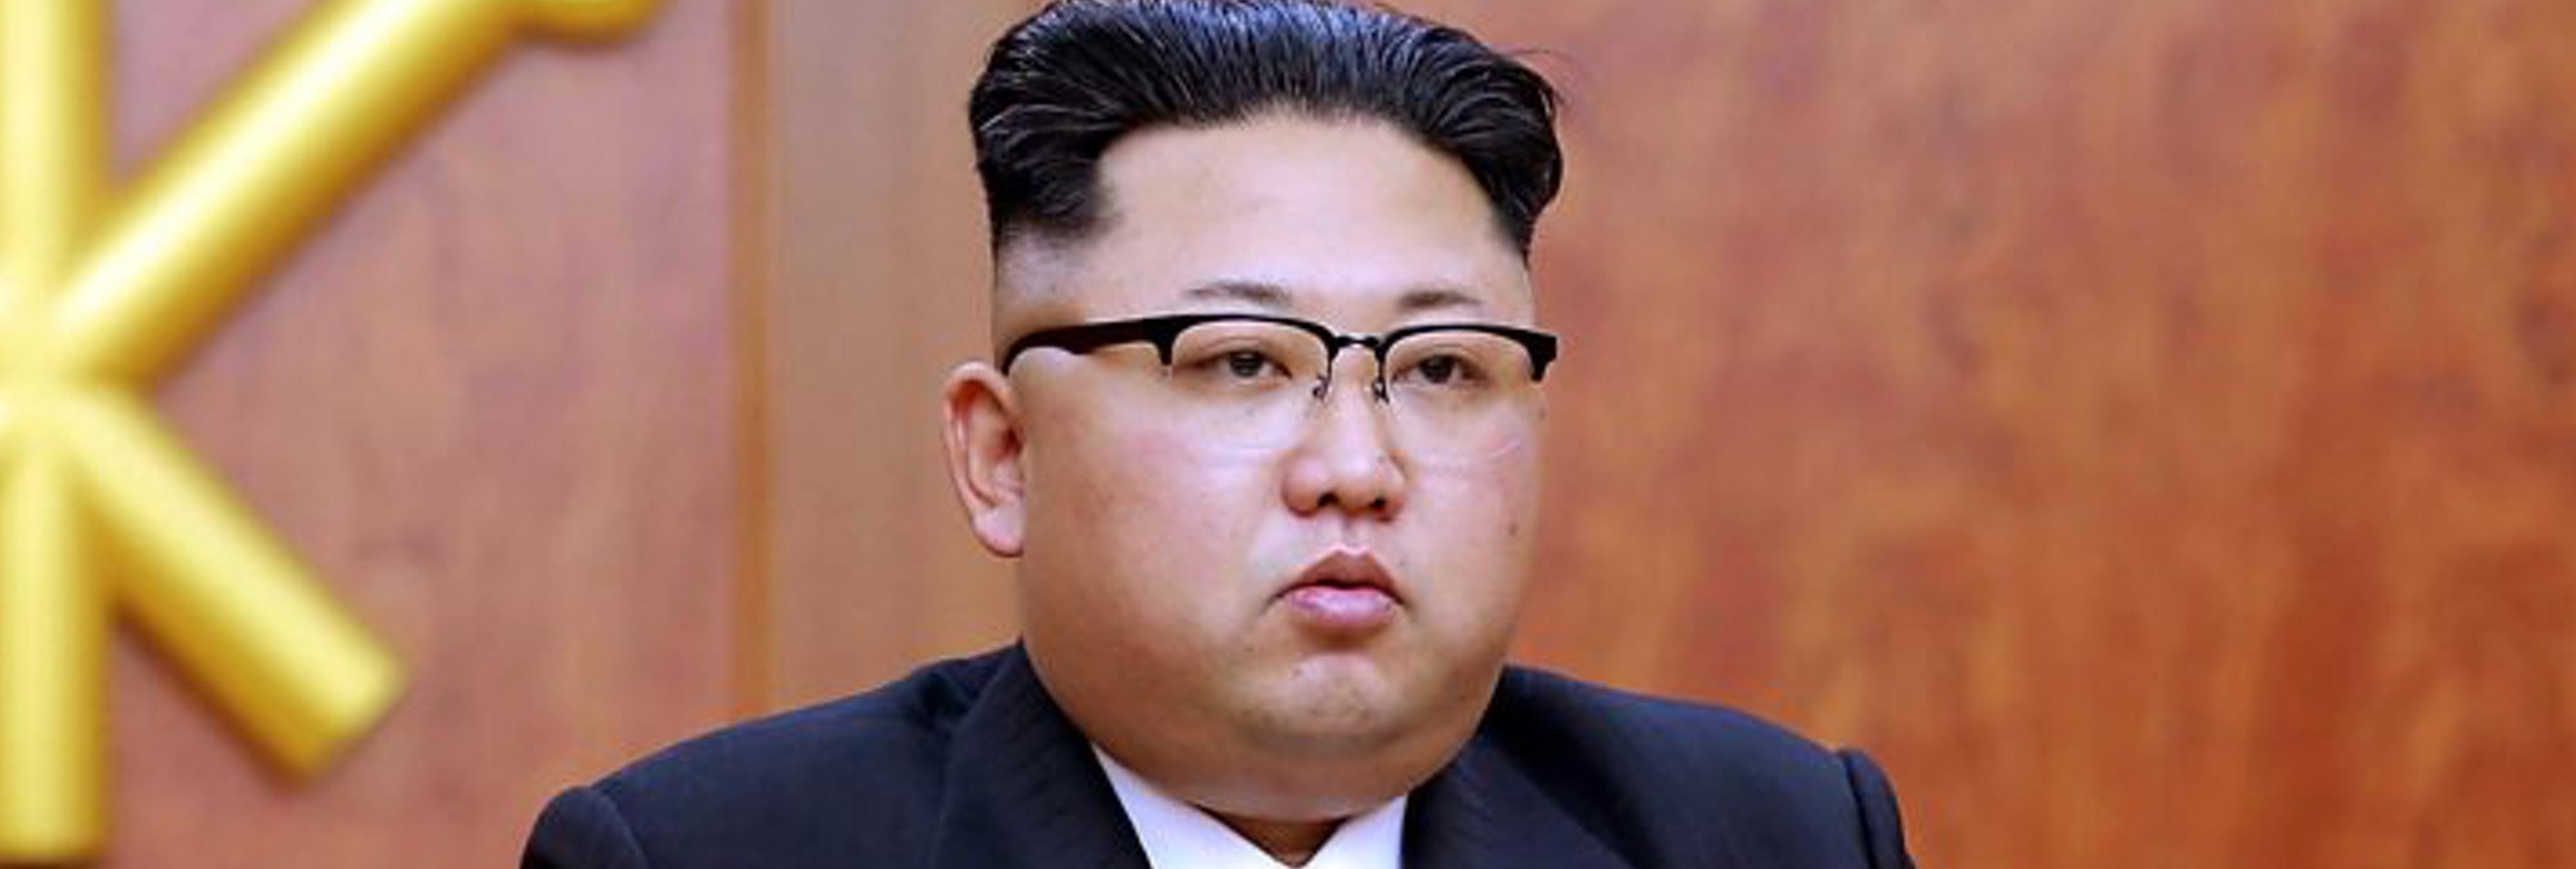 Corea del Norte dice que lanzó el misil con 'fines pacíficos'